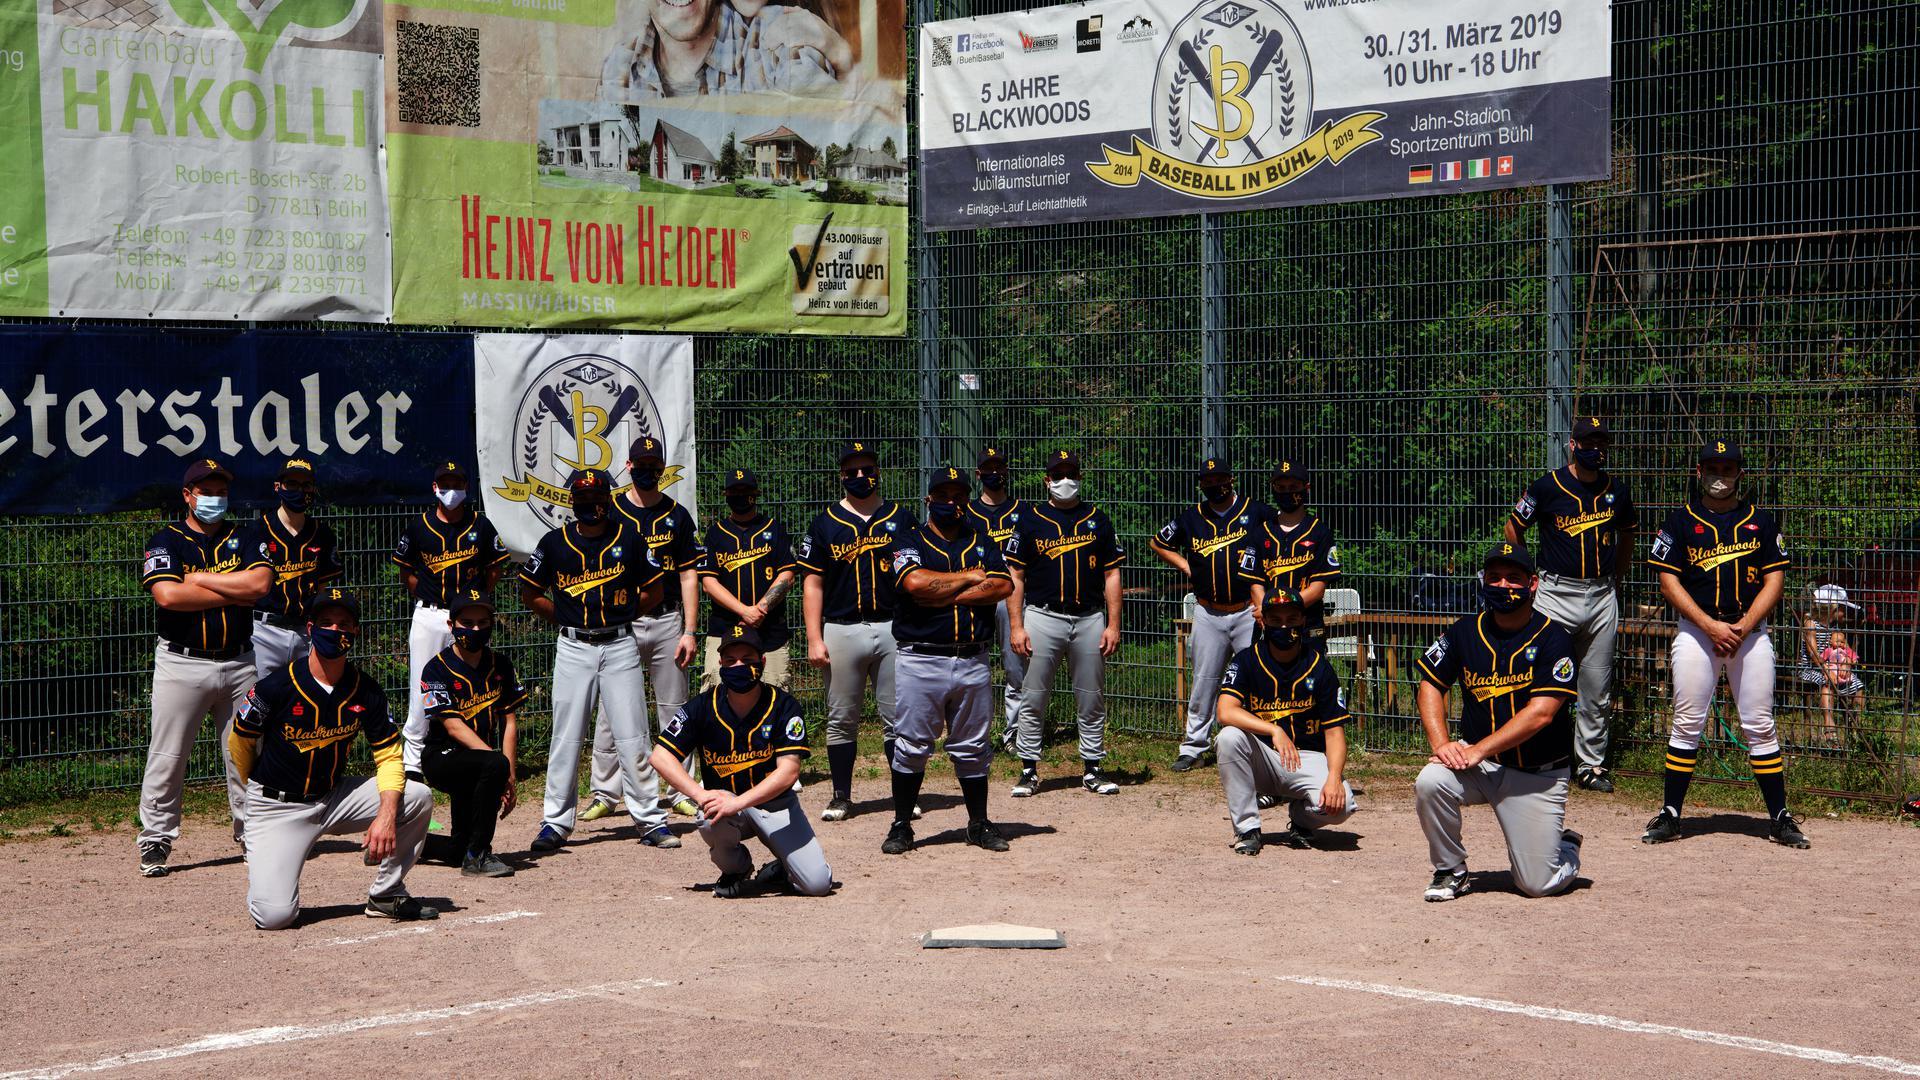 Baseballteam Blackwoods Bühl stellt sich zum Teamfoto mit Maske